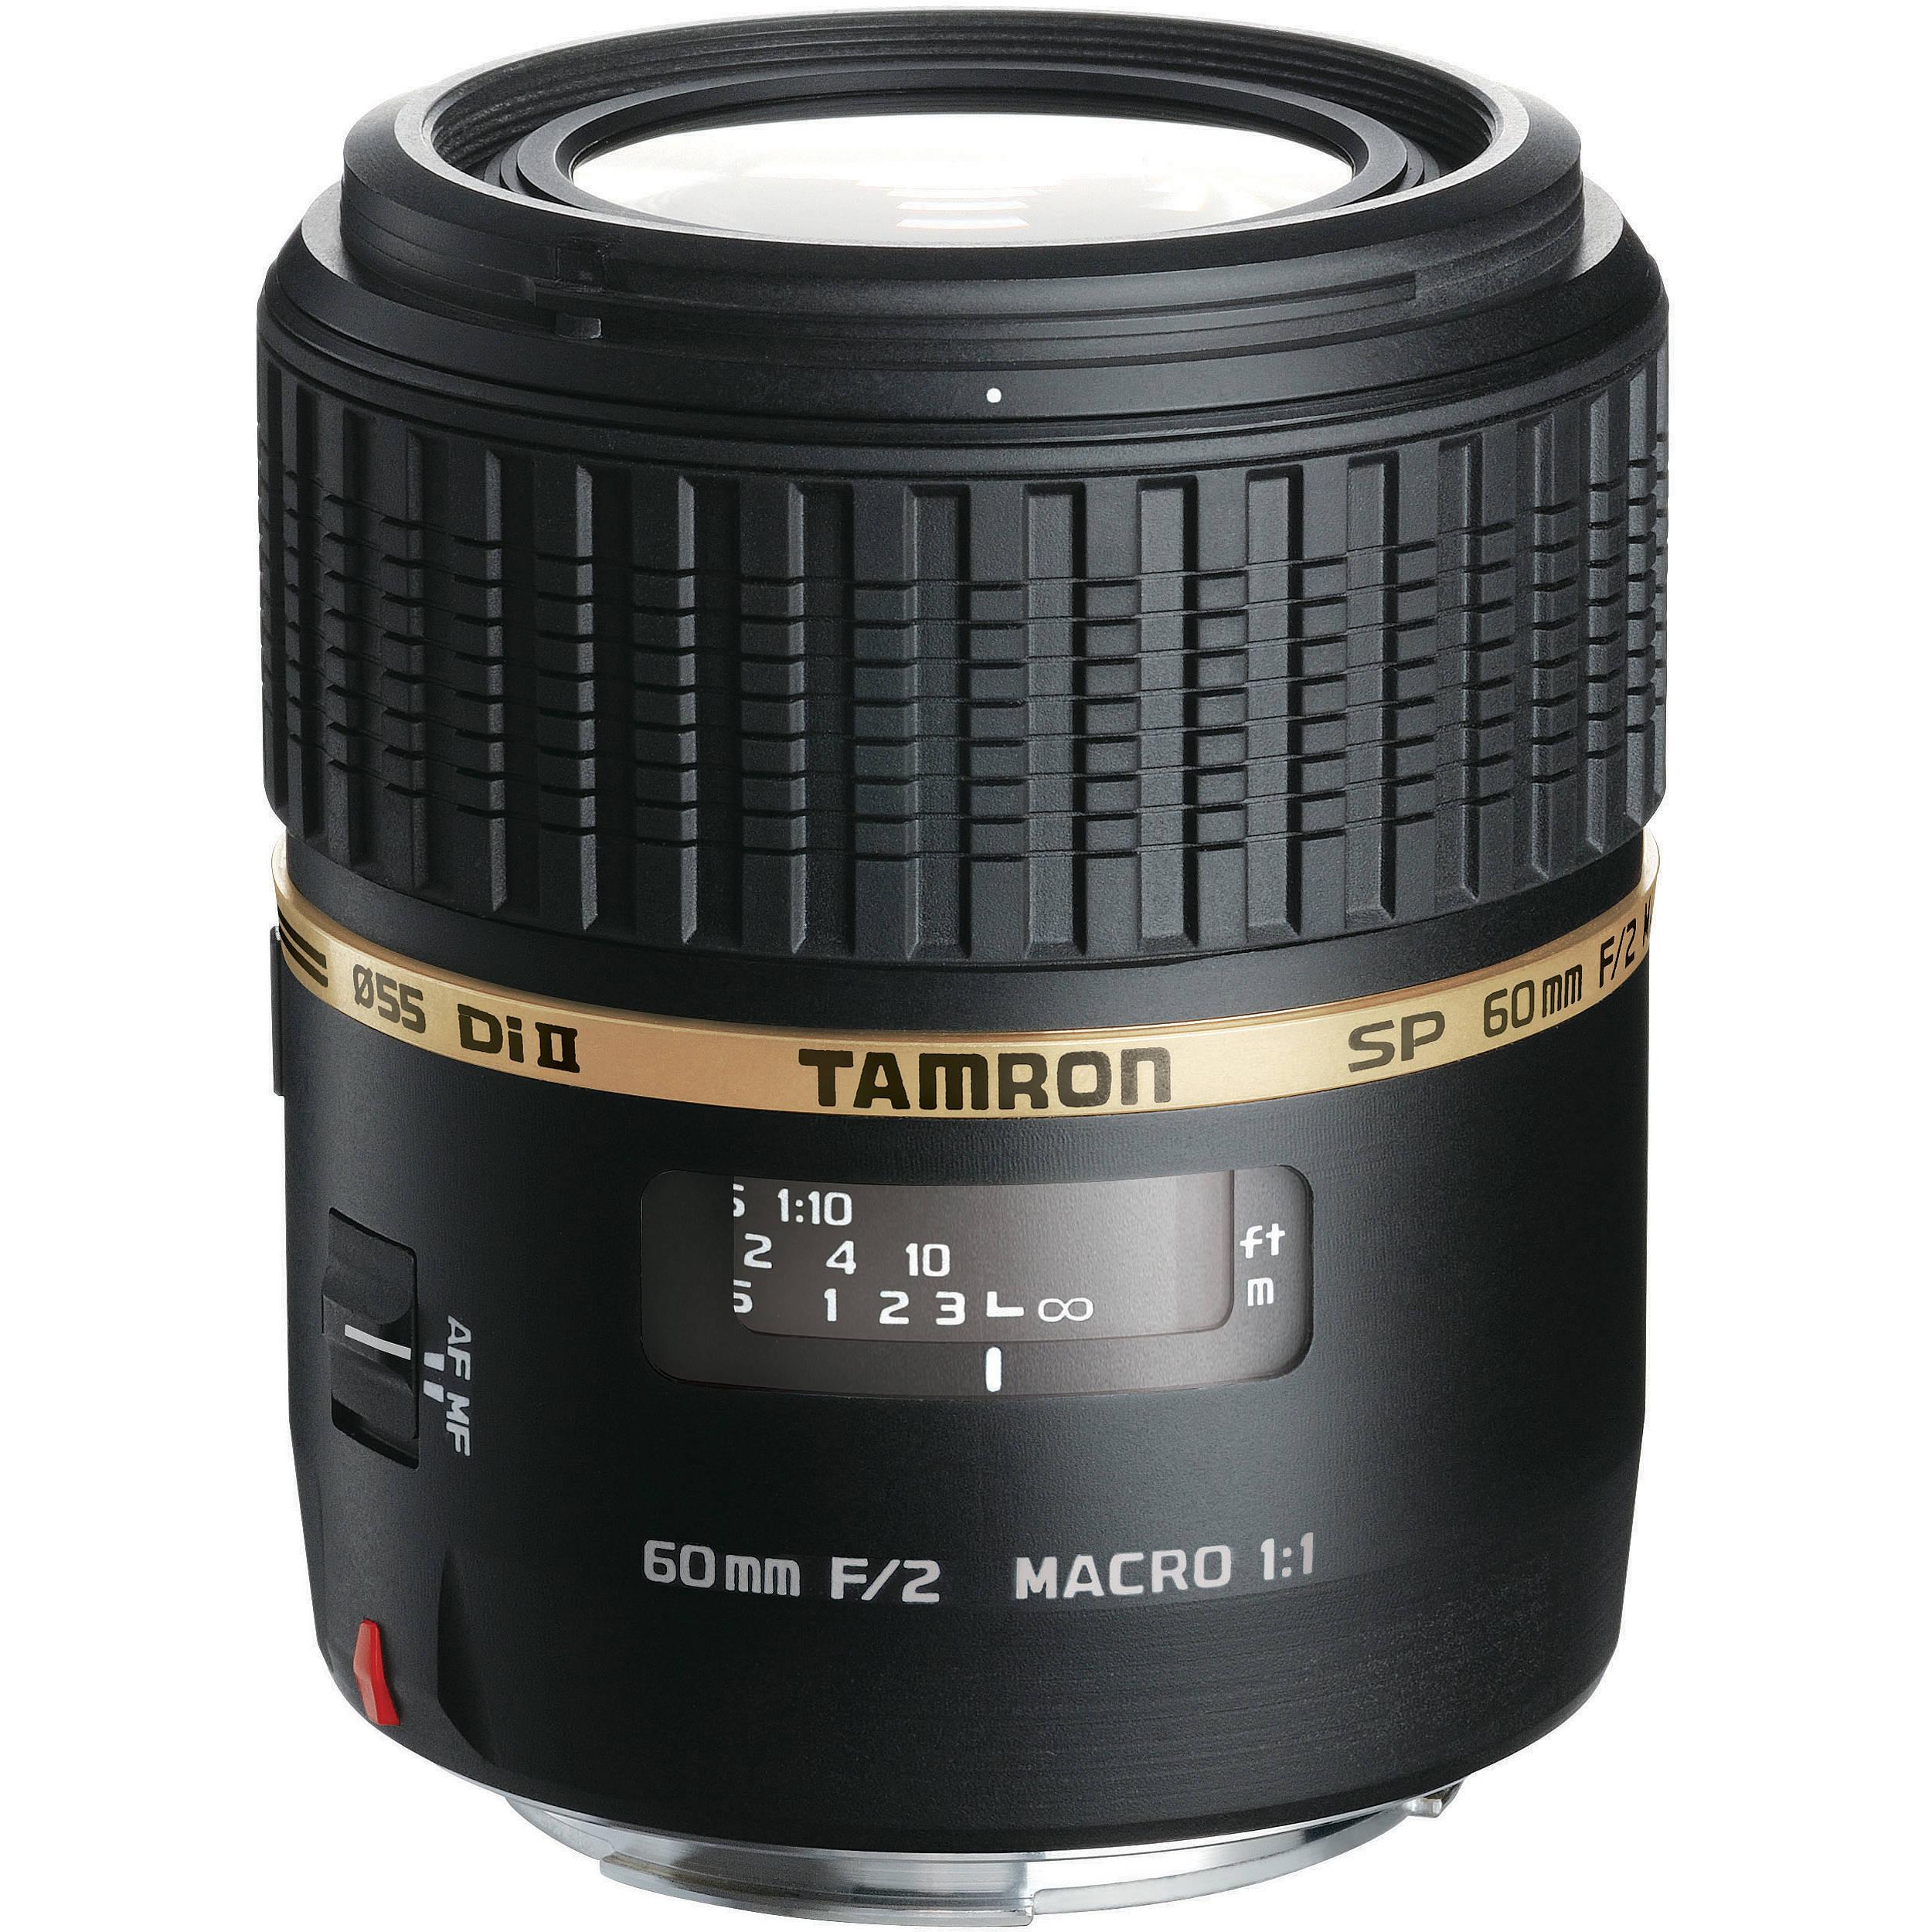 Sweet Tamron Sp Di Ii Macro Lens Nikon F Nikon Macro Lenses Fx Nikon Macro Lens 105mm dpreview Nikon Macro Lens